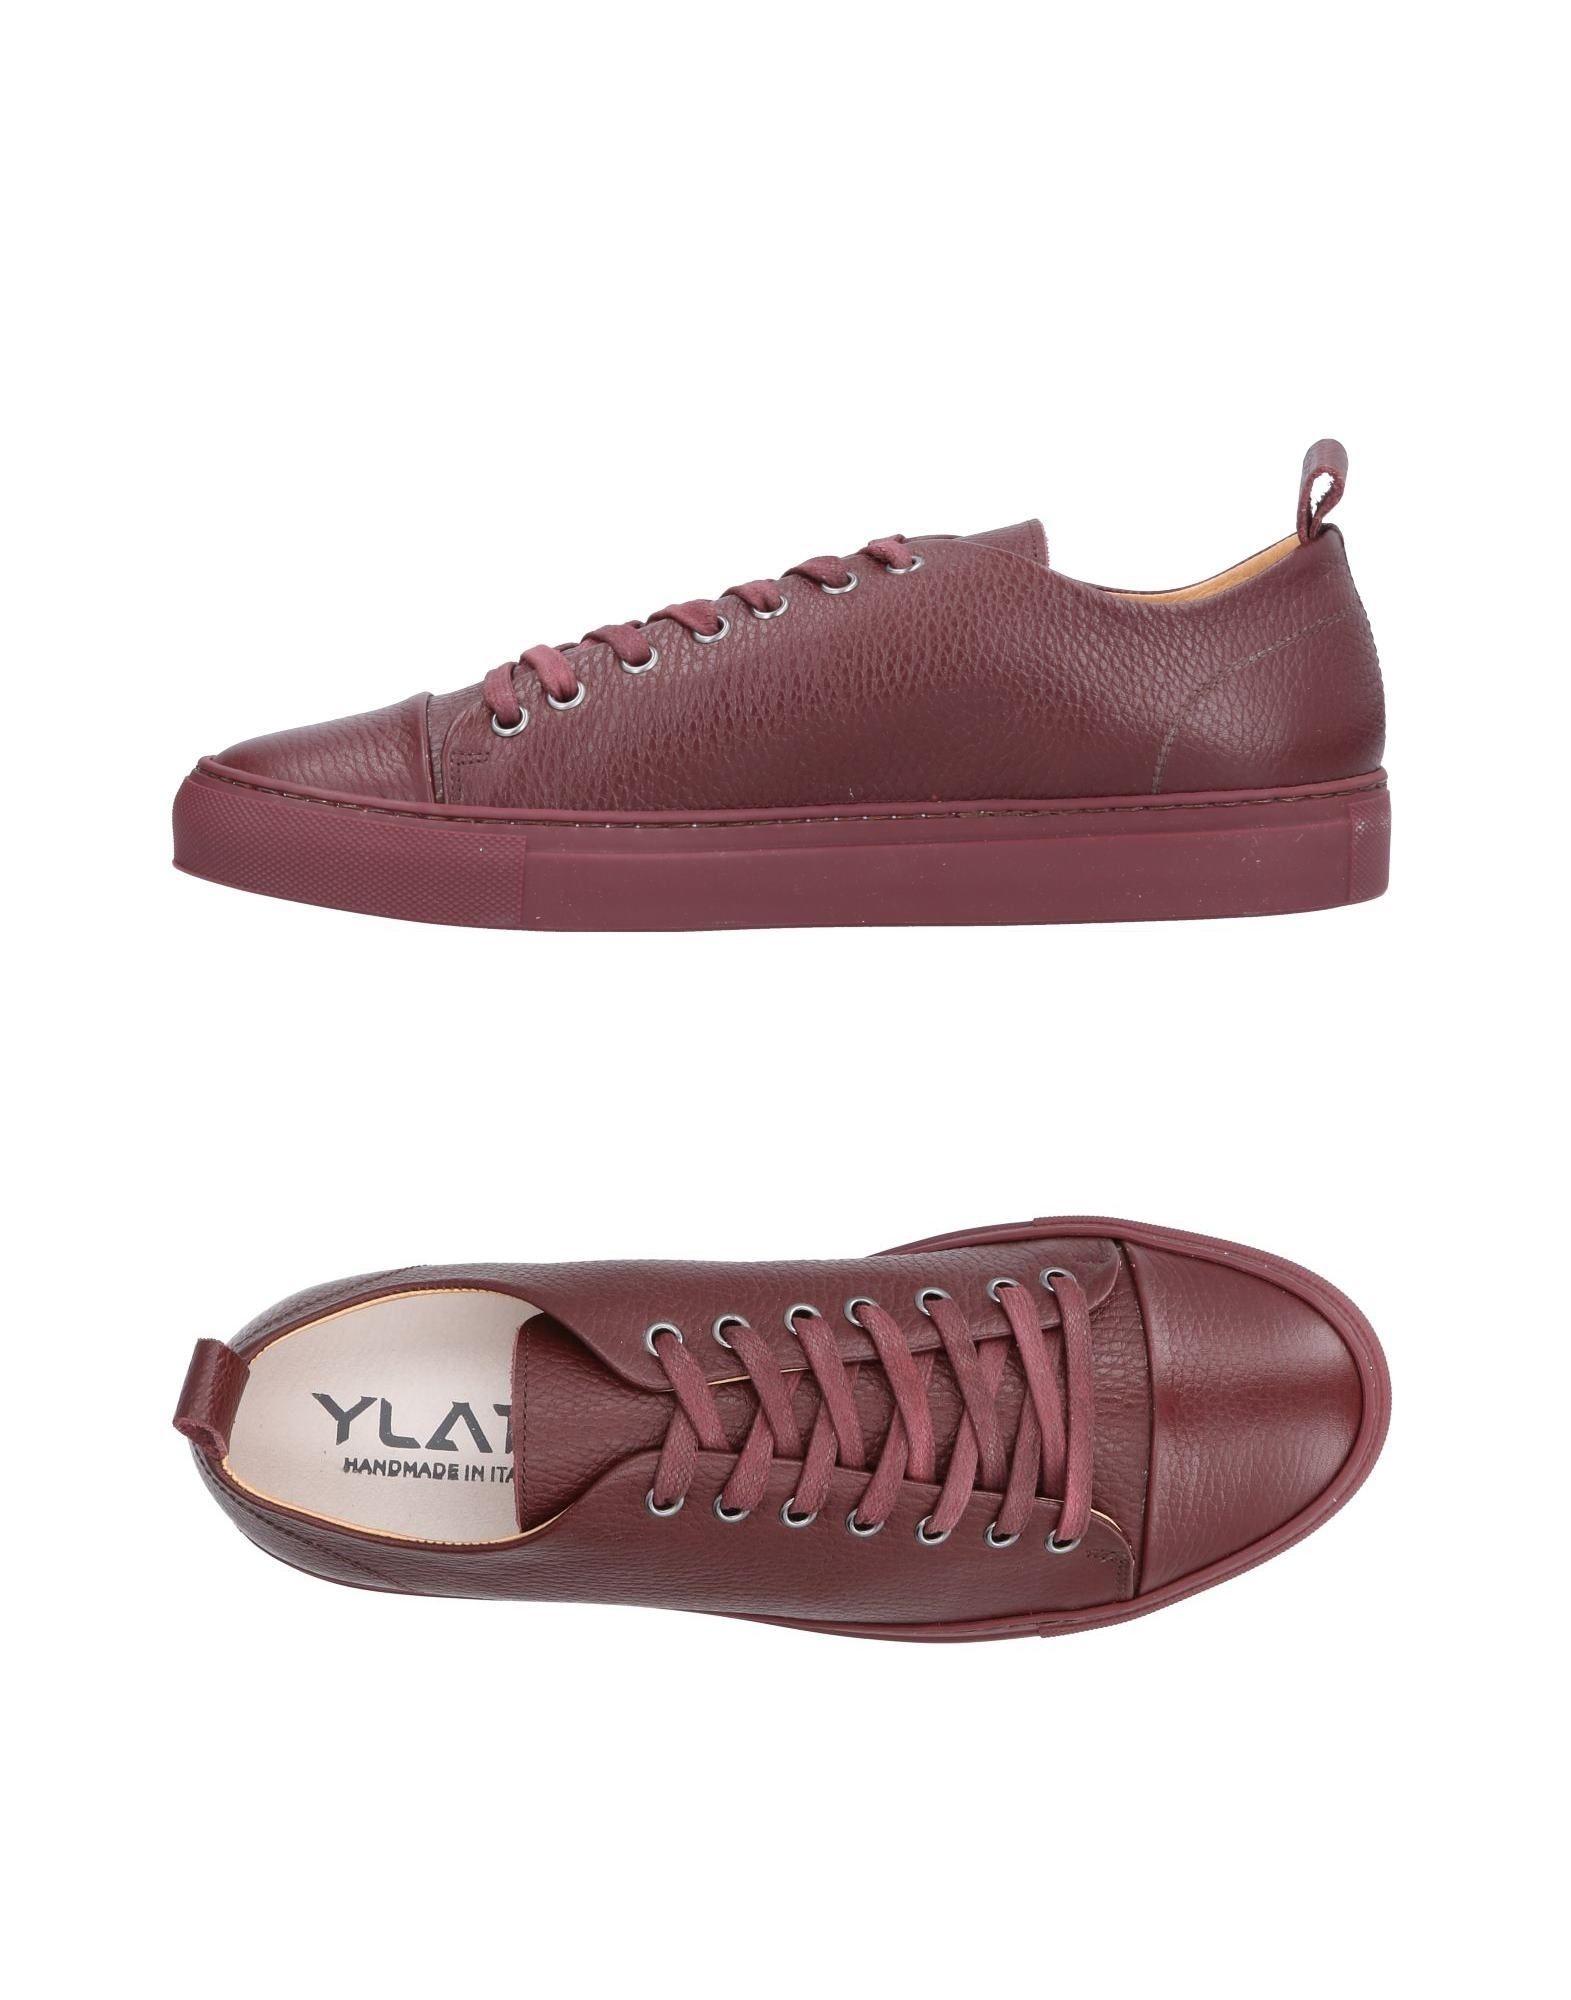 YLATI Sneakers in Maroon